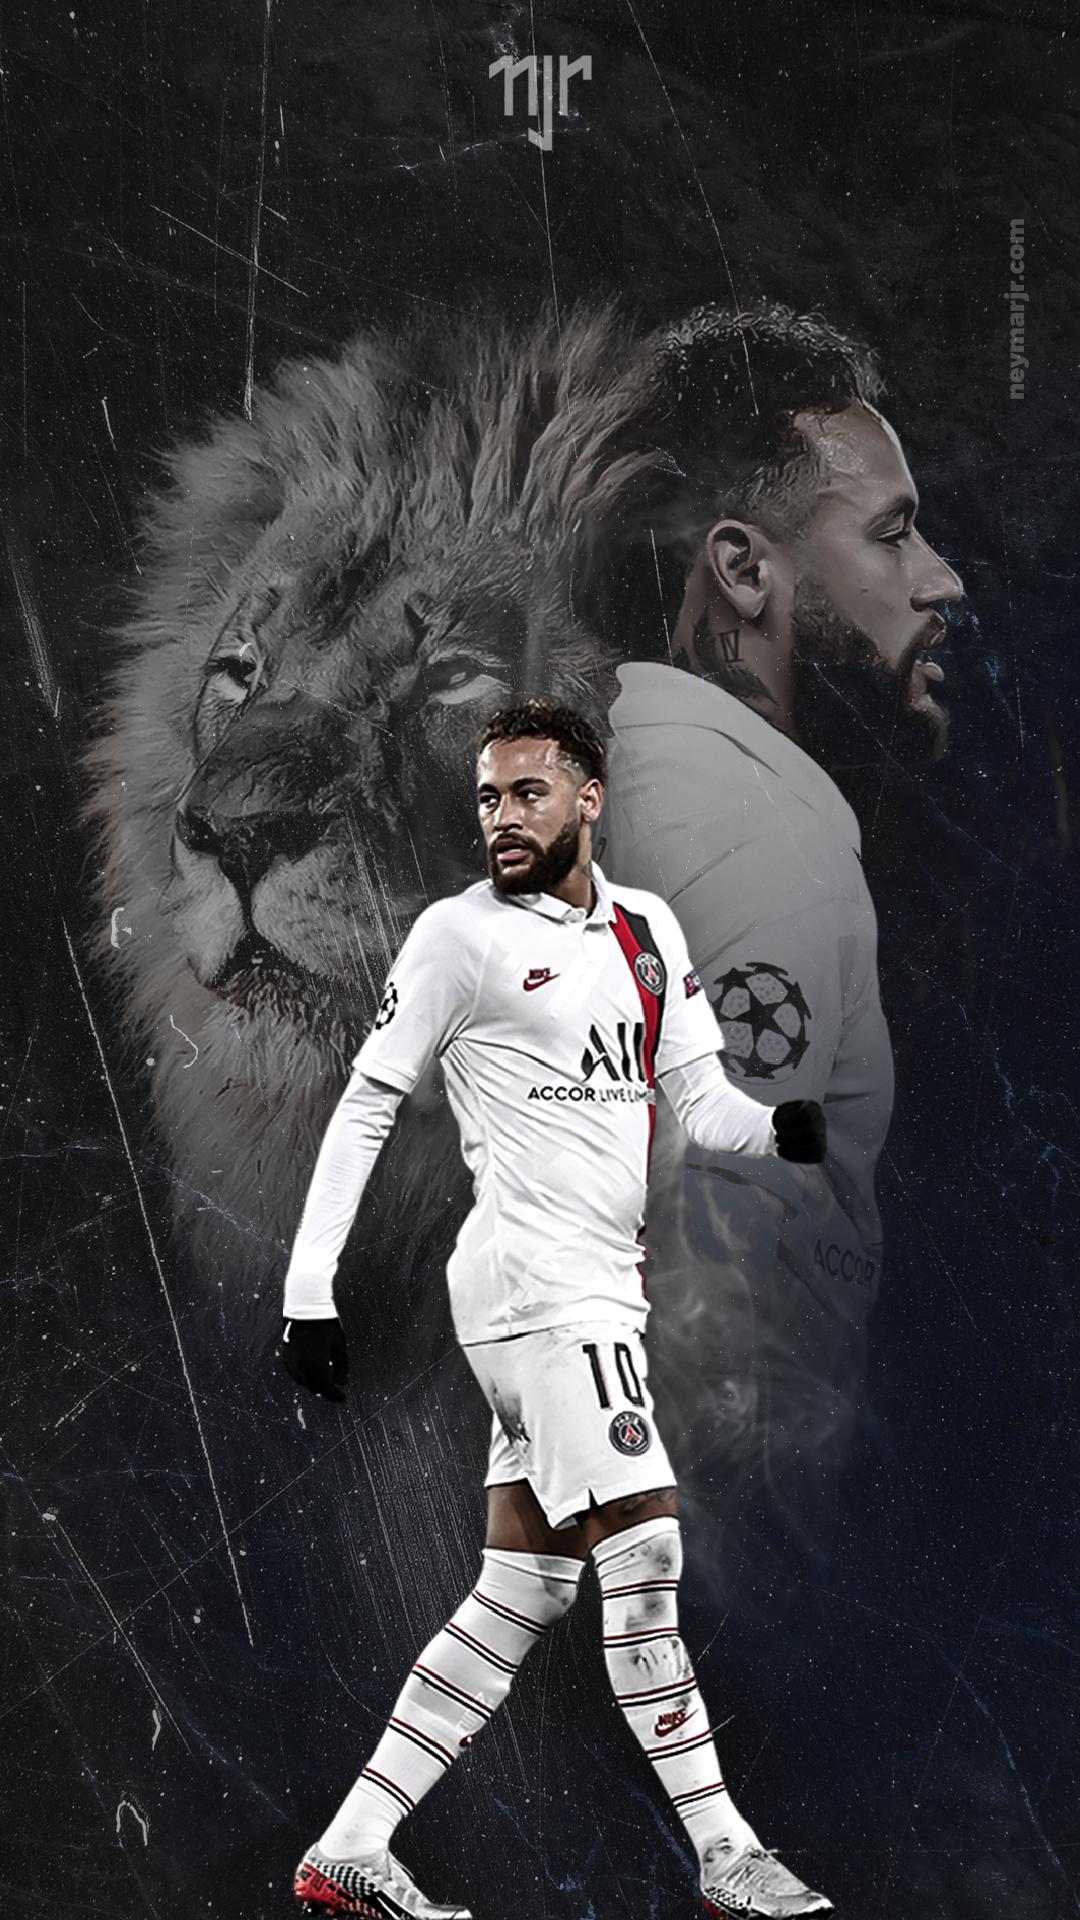 Neymar 2021 Wallpapers - Wallpaper Cave